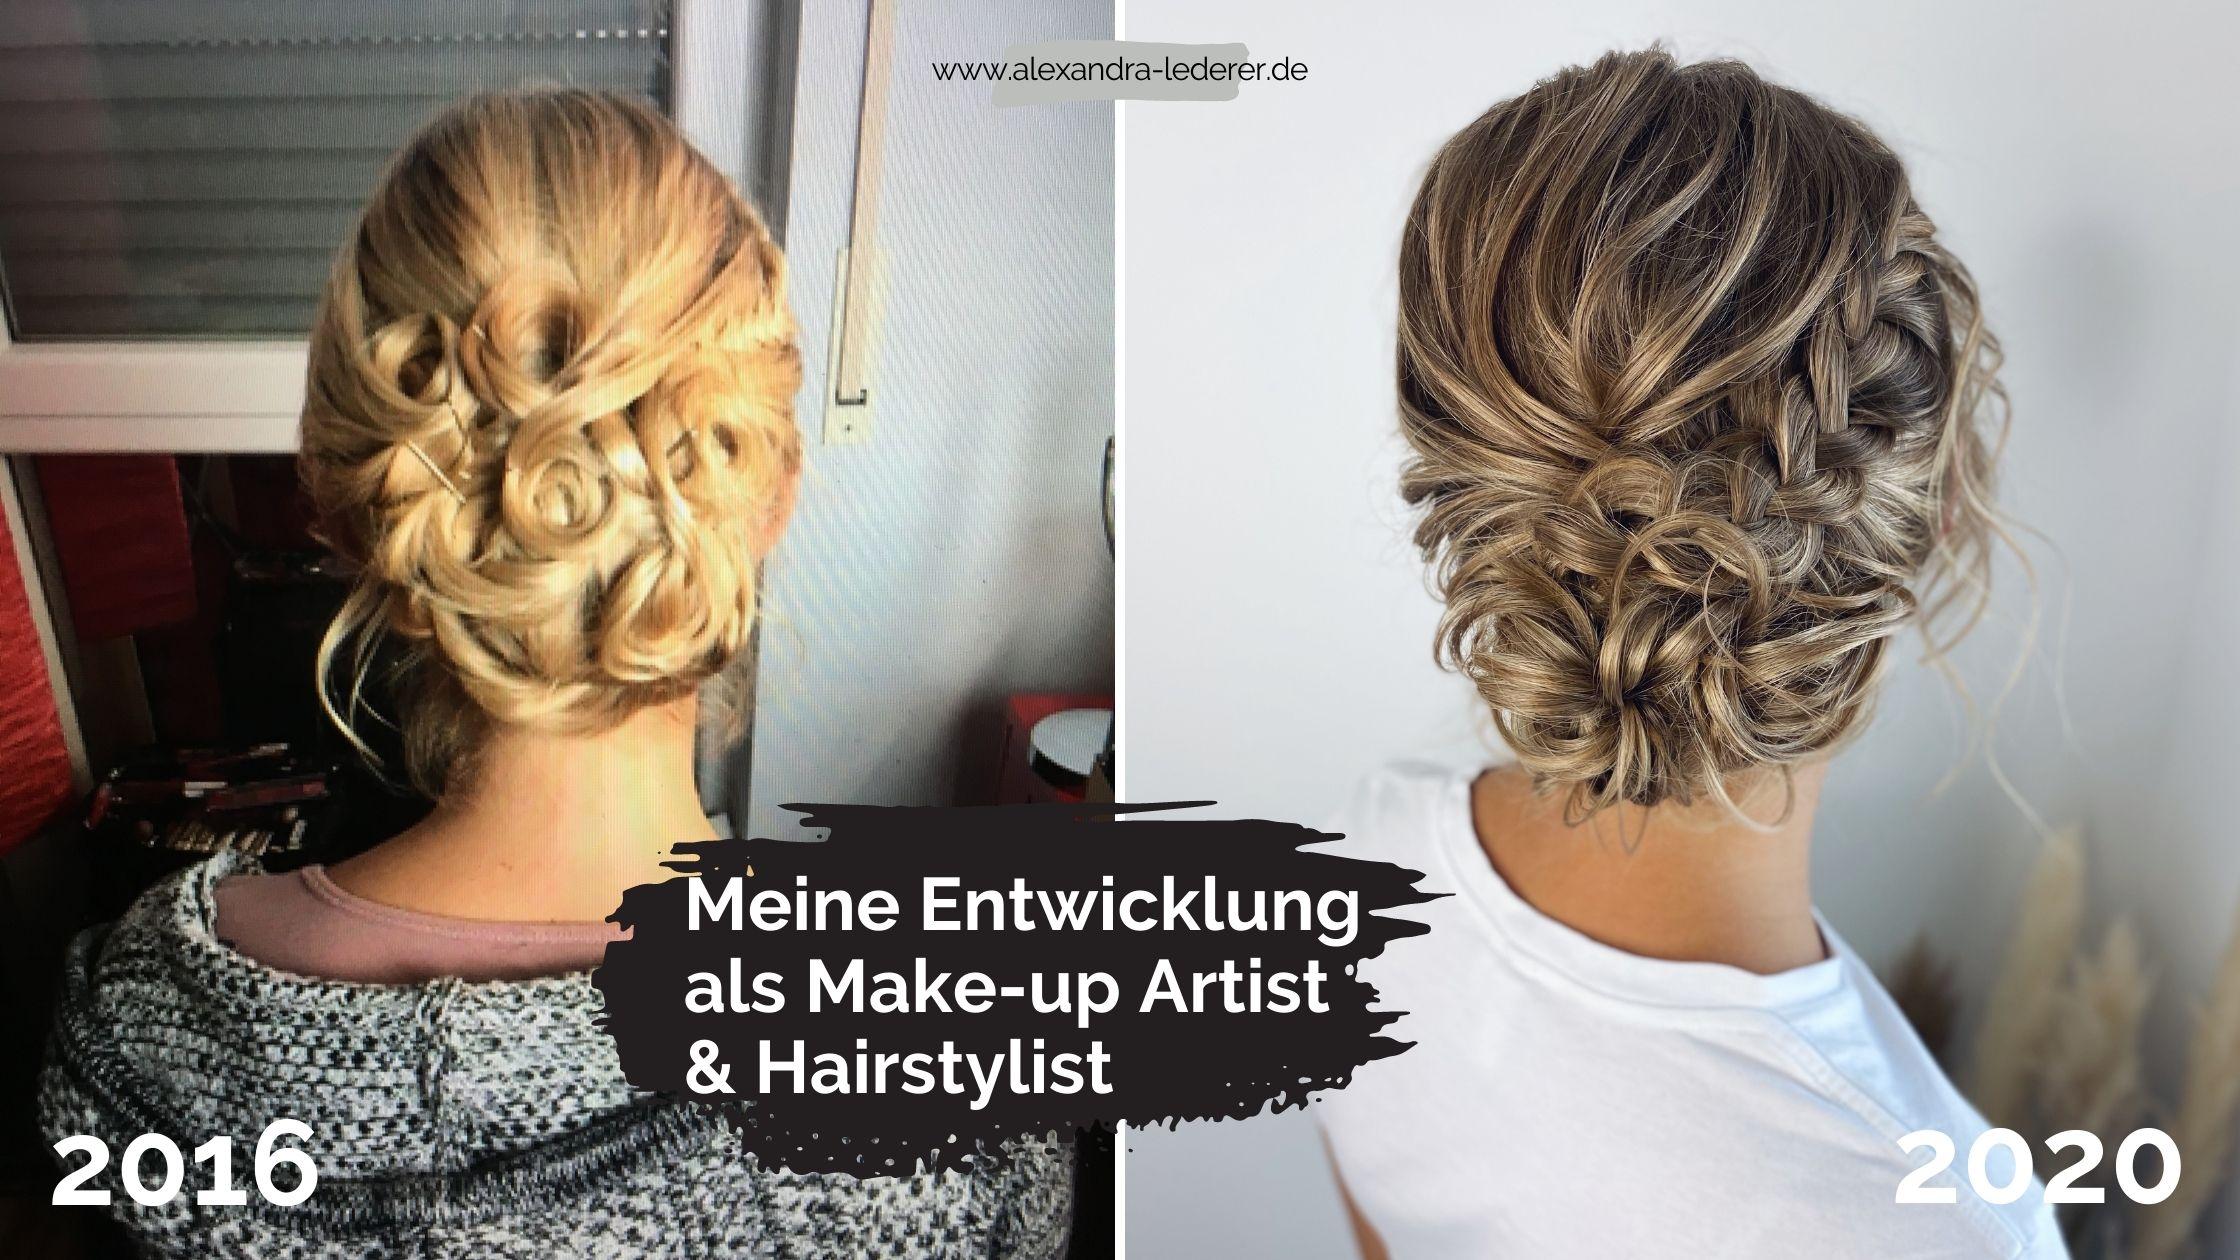 Meine Entwicklung als Make-up Artist